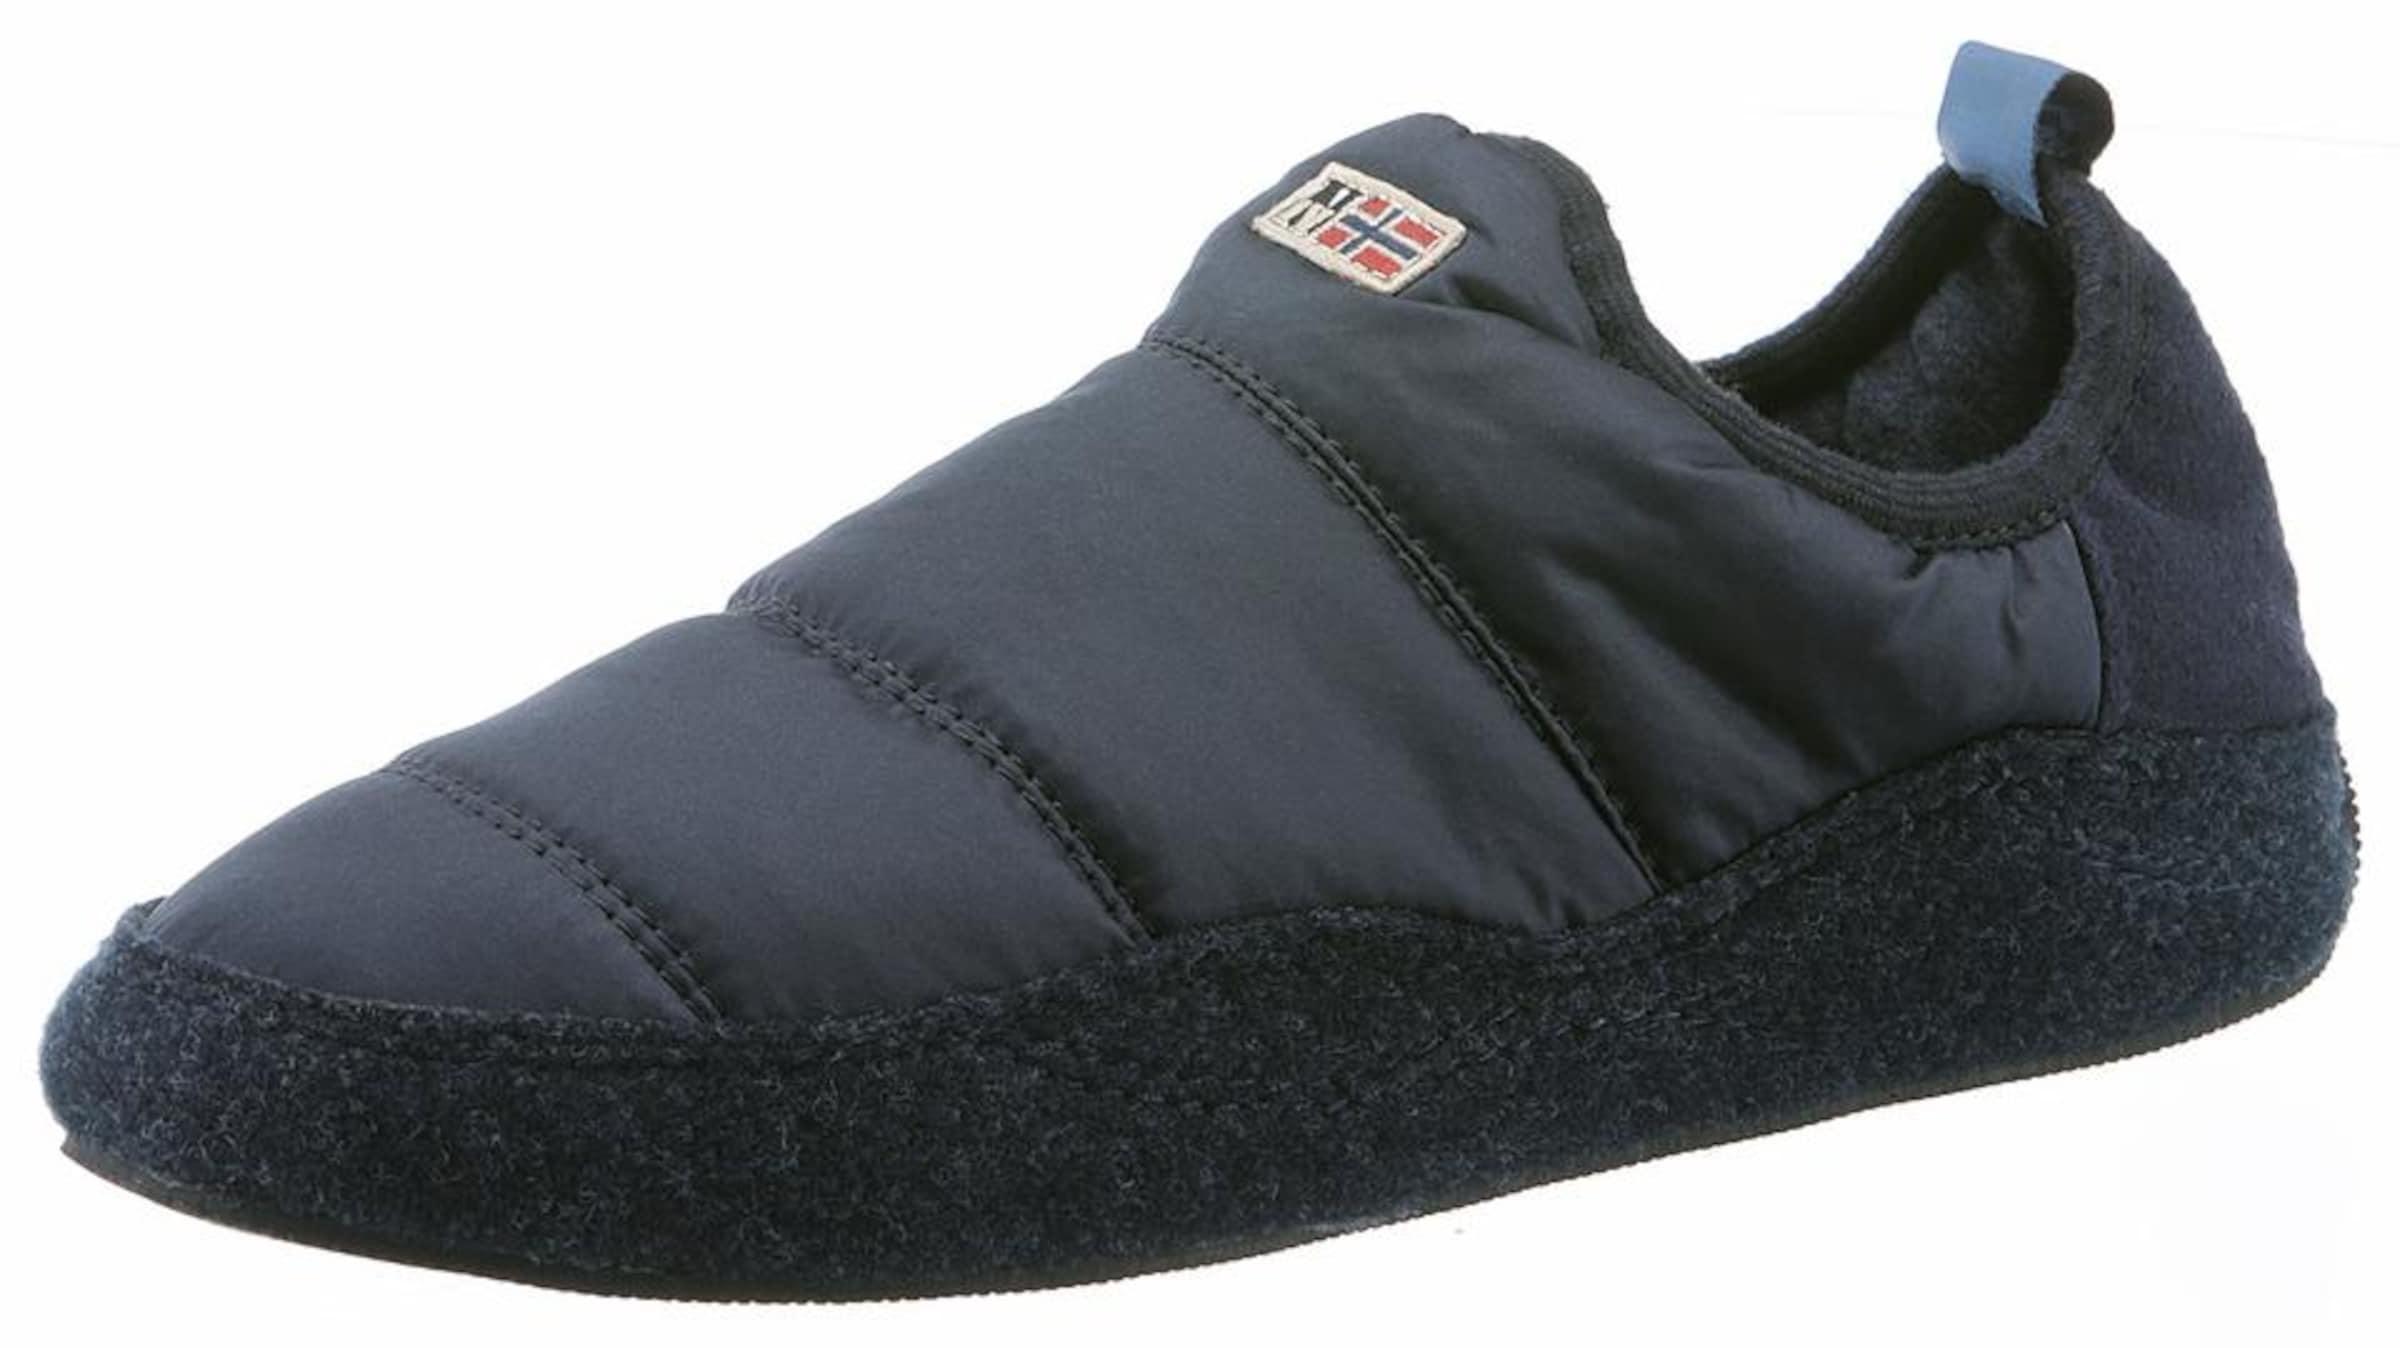 NAPAPIJRI Hausschuh Verschleißfeste billige Schuhe Hohe Qualität